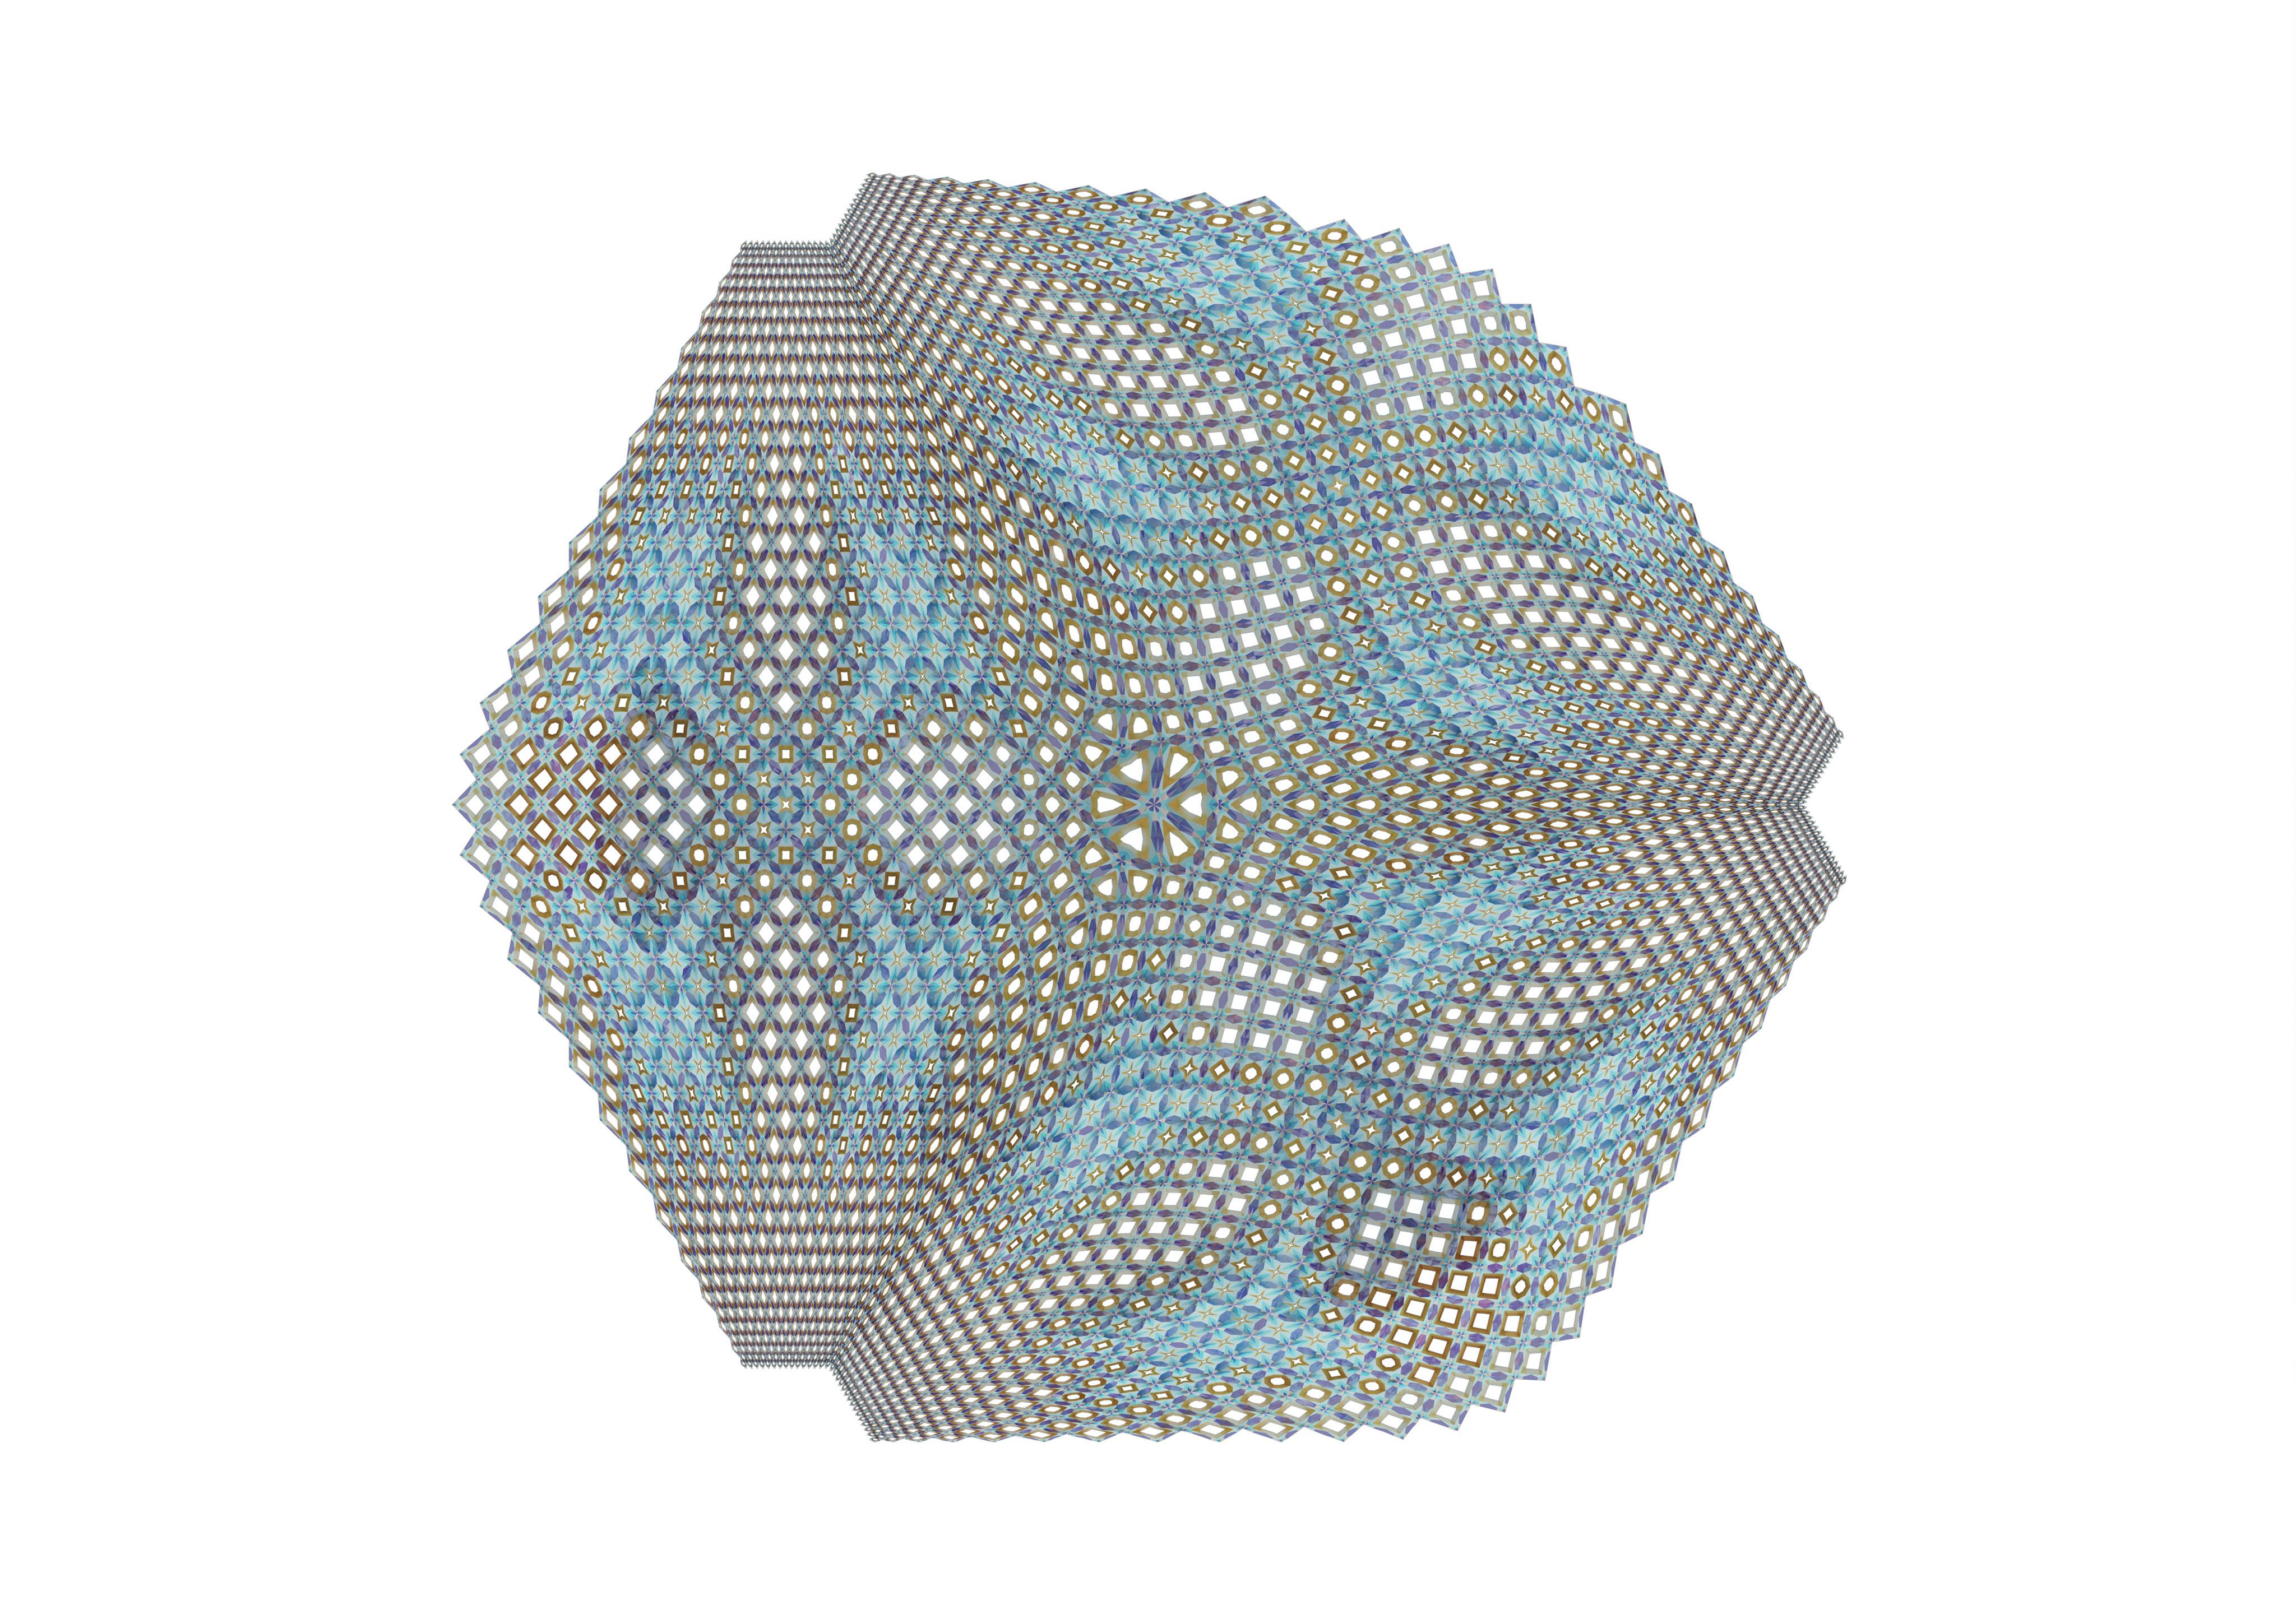 Figure 3.170 prototype pool shell bottom